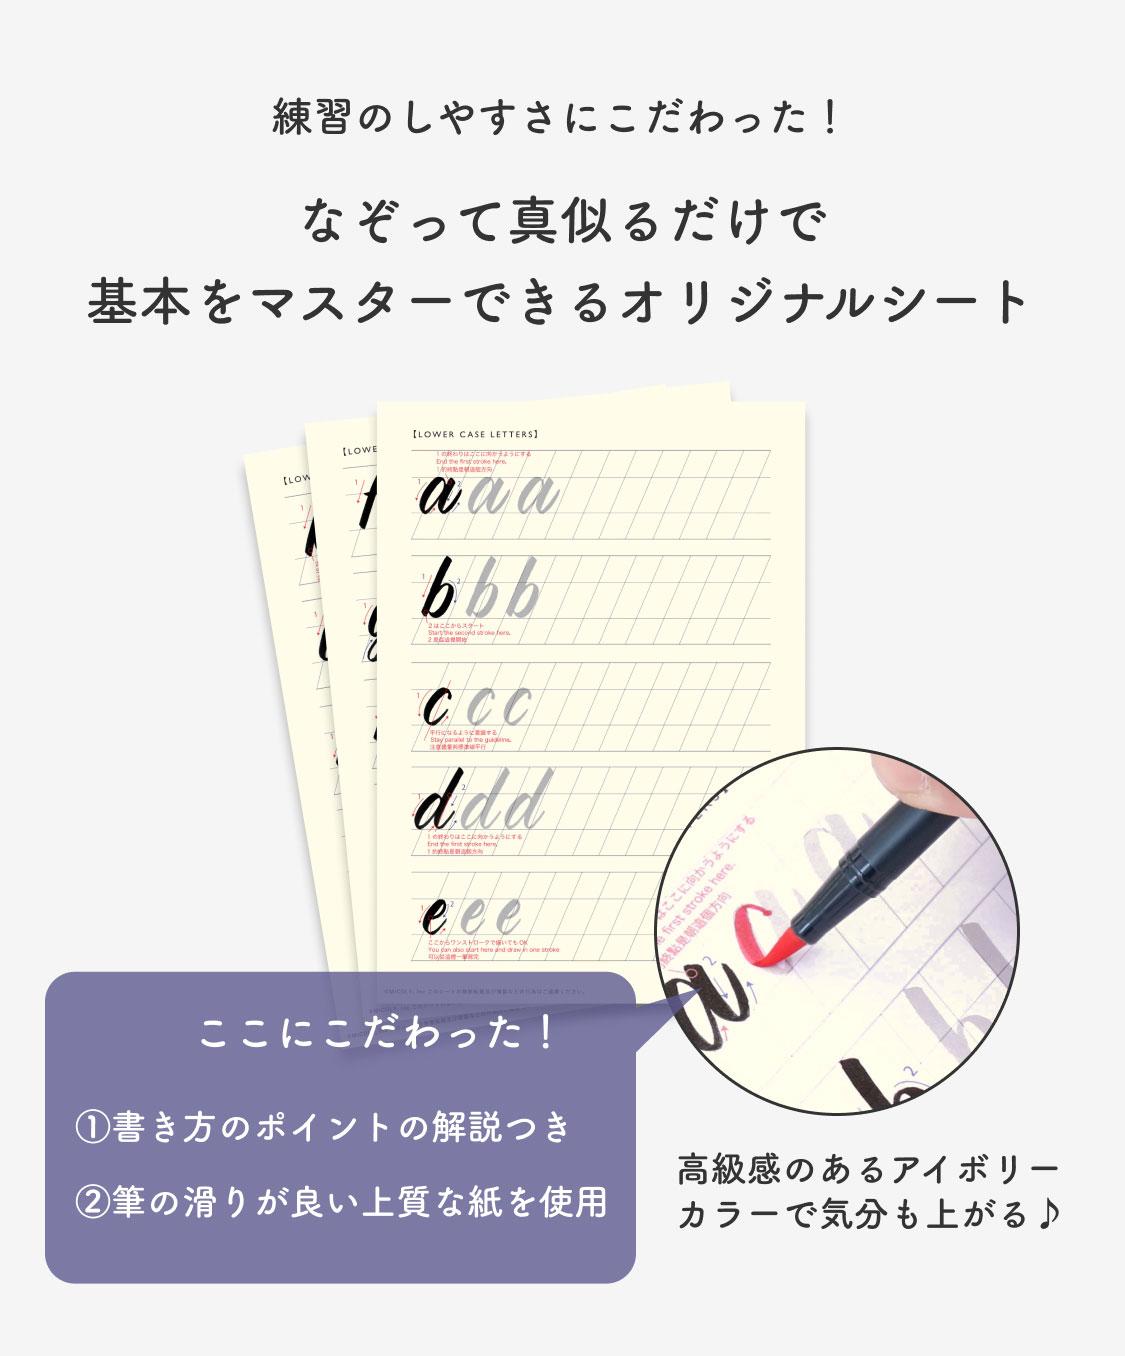 Kit image 02